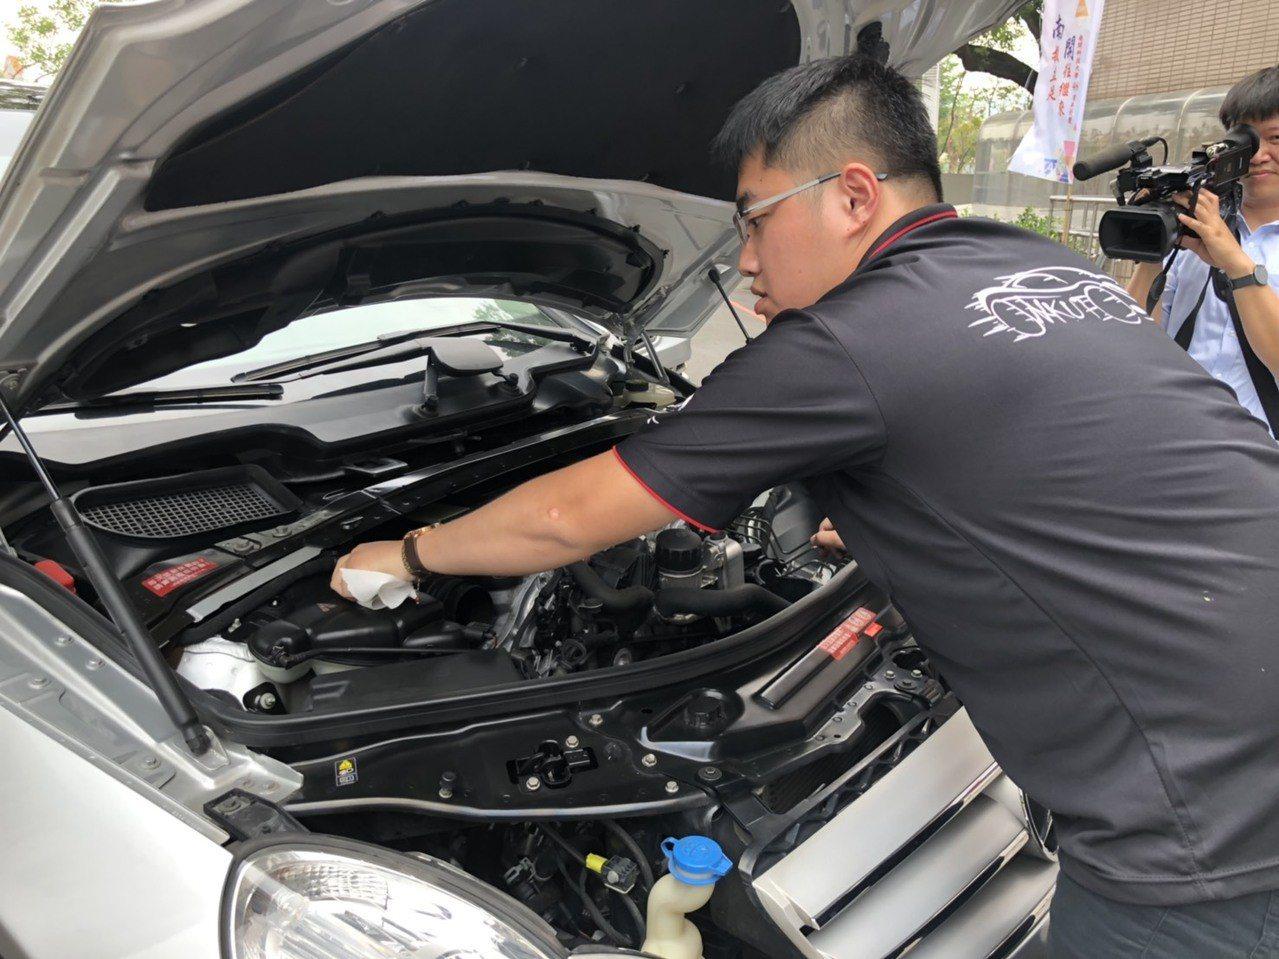 南開科大今天啟用國內首座「先進車輛機電整合技術中心」,學生熟練檢查賓士車的引擎設...